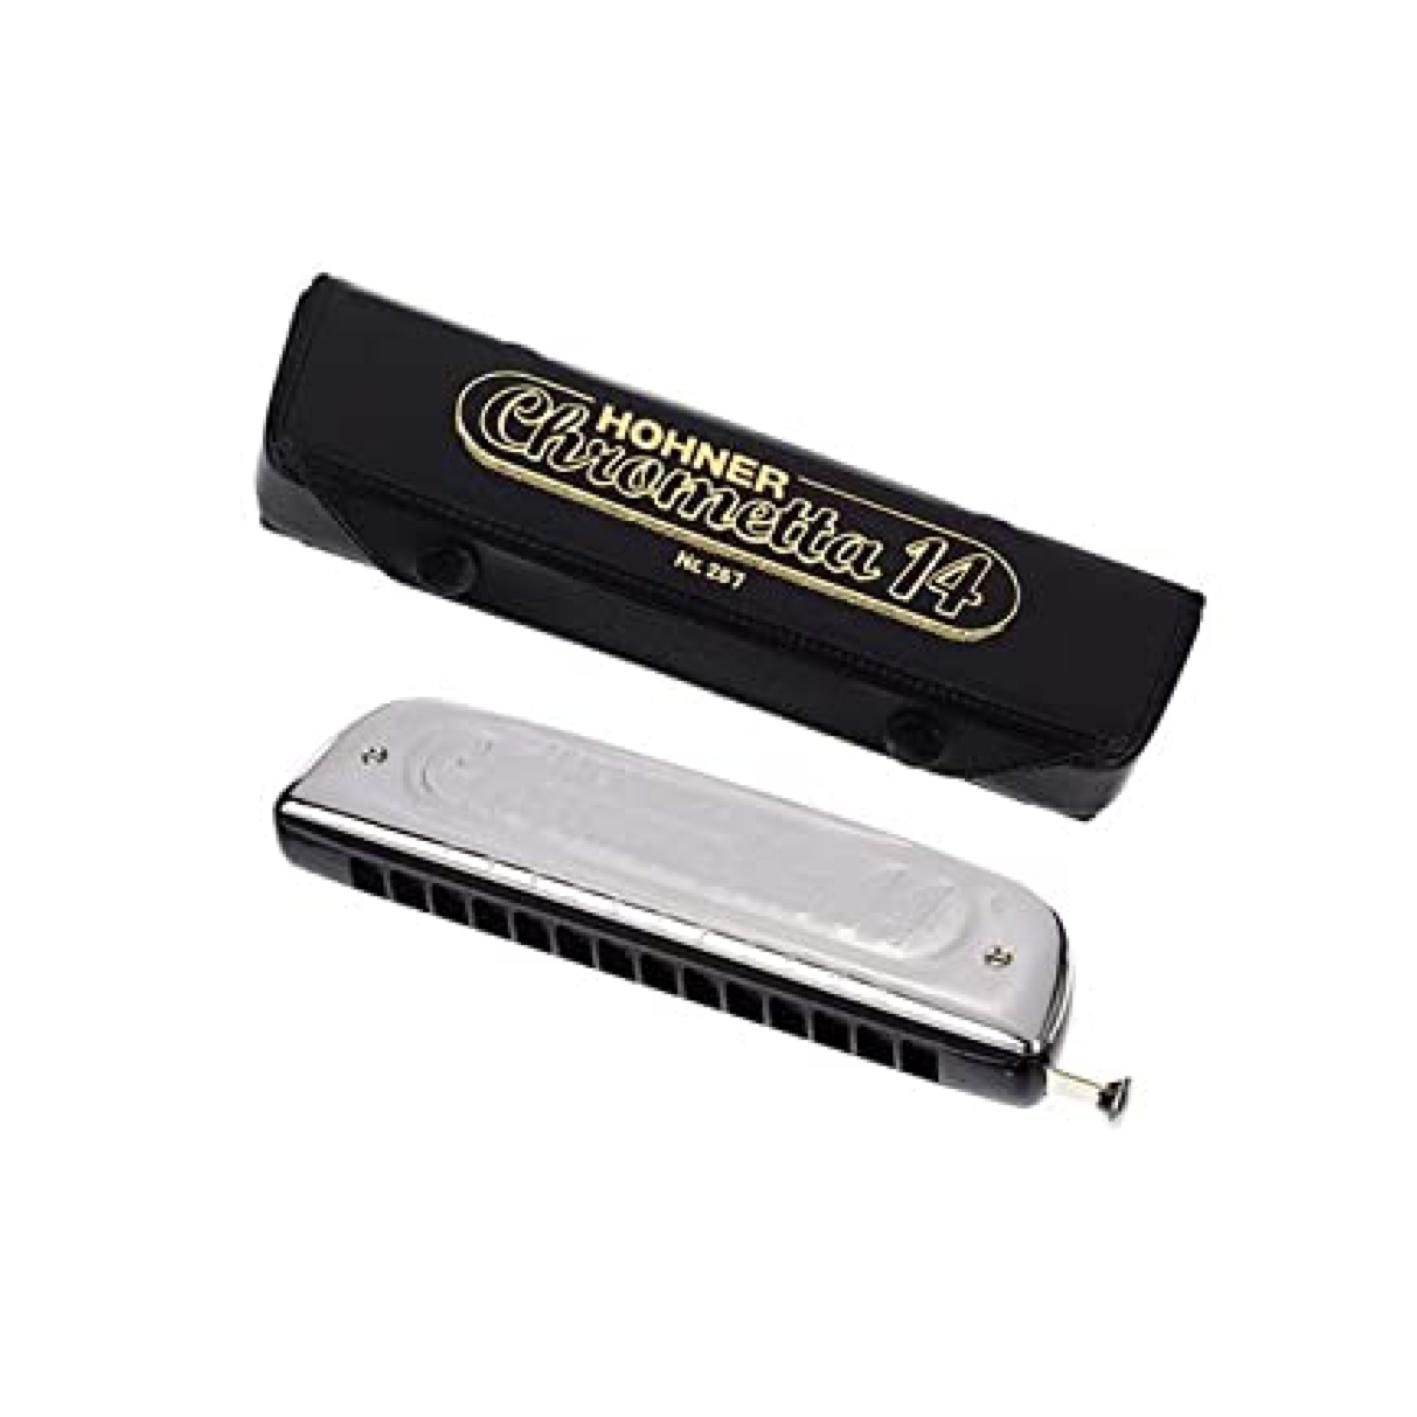 Hohner Chrometta 14 C harmonica